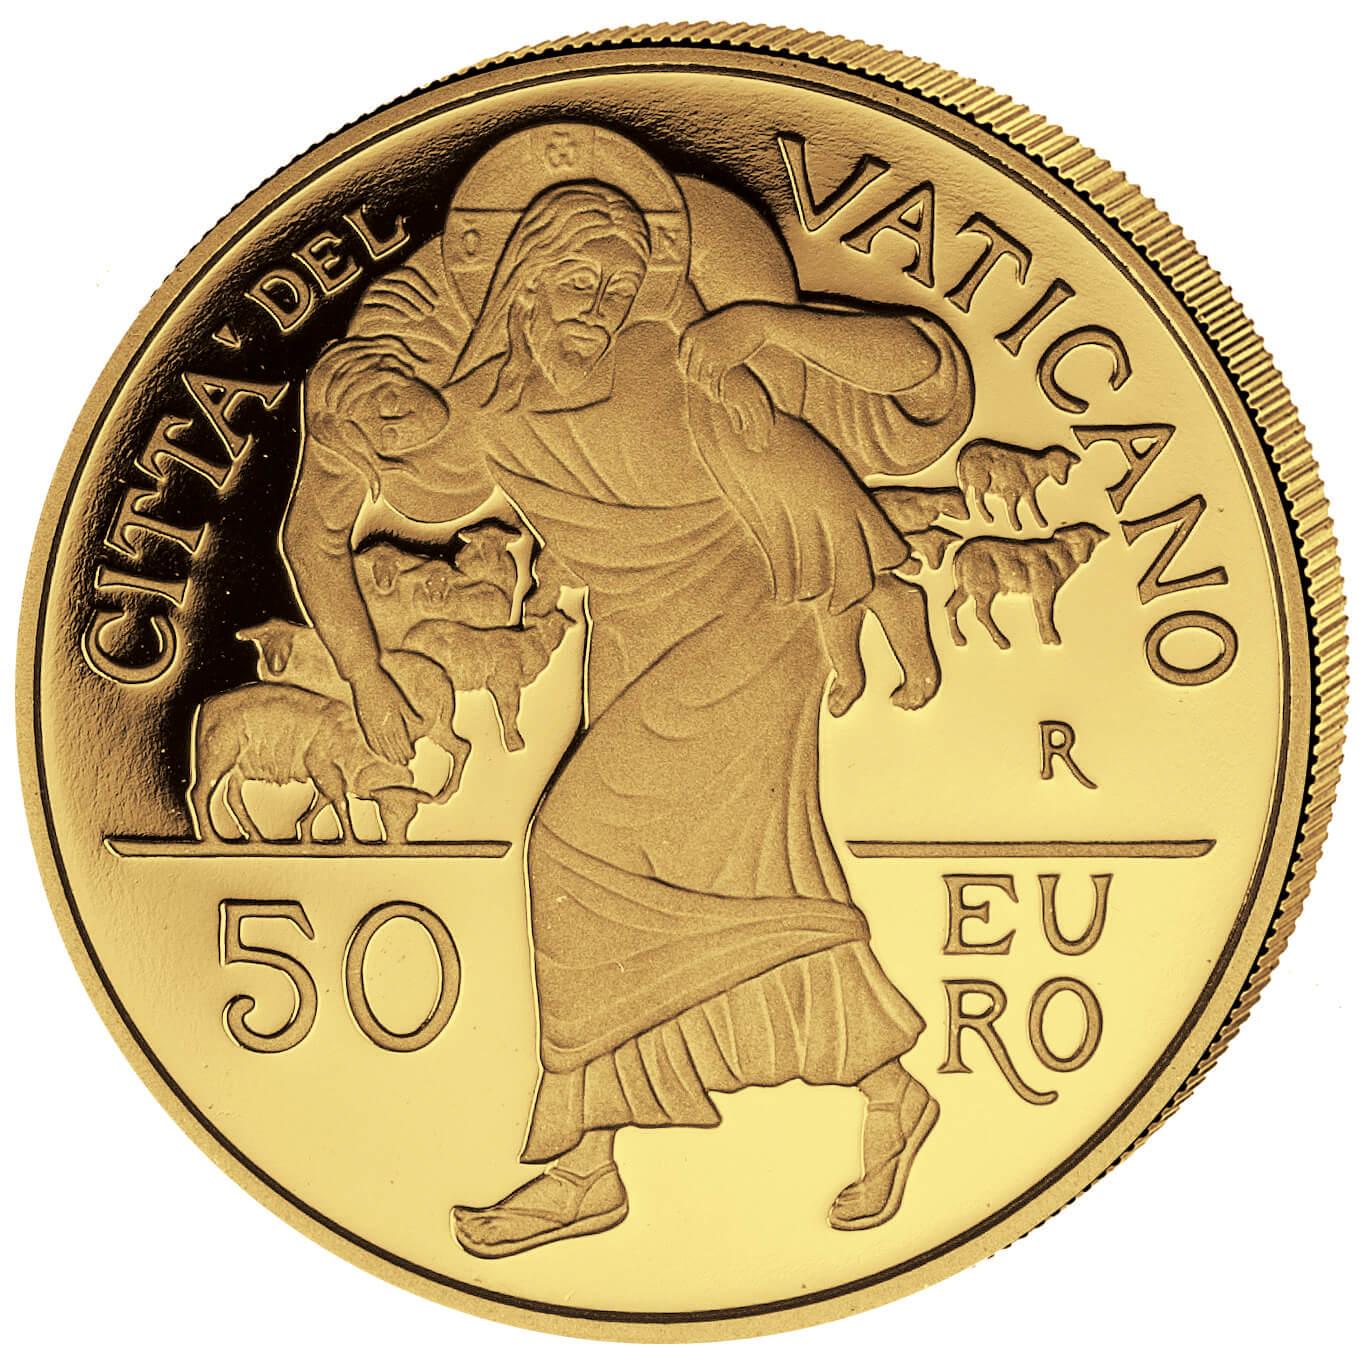 VA 50 Euro 2016 R